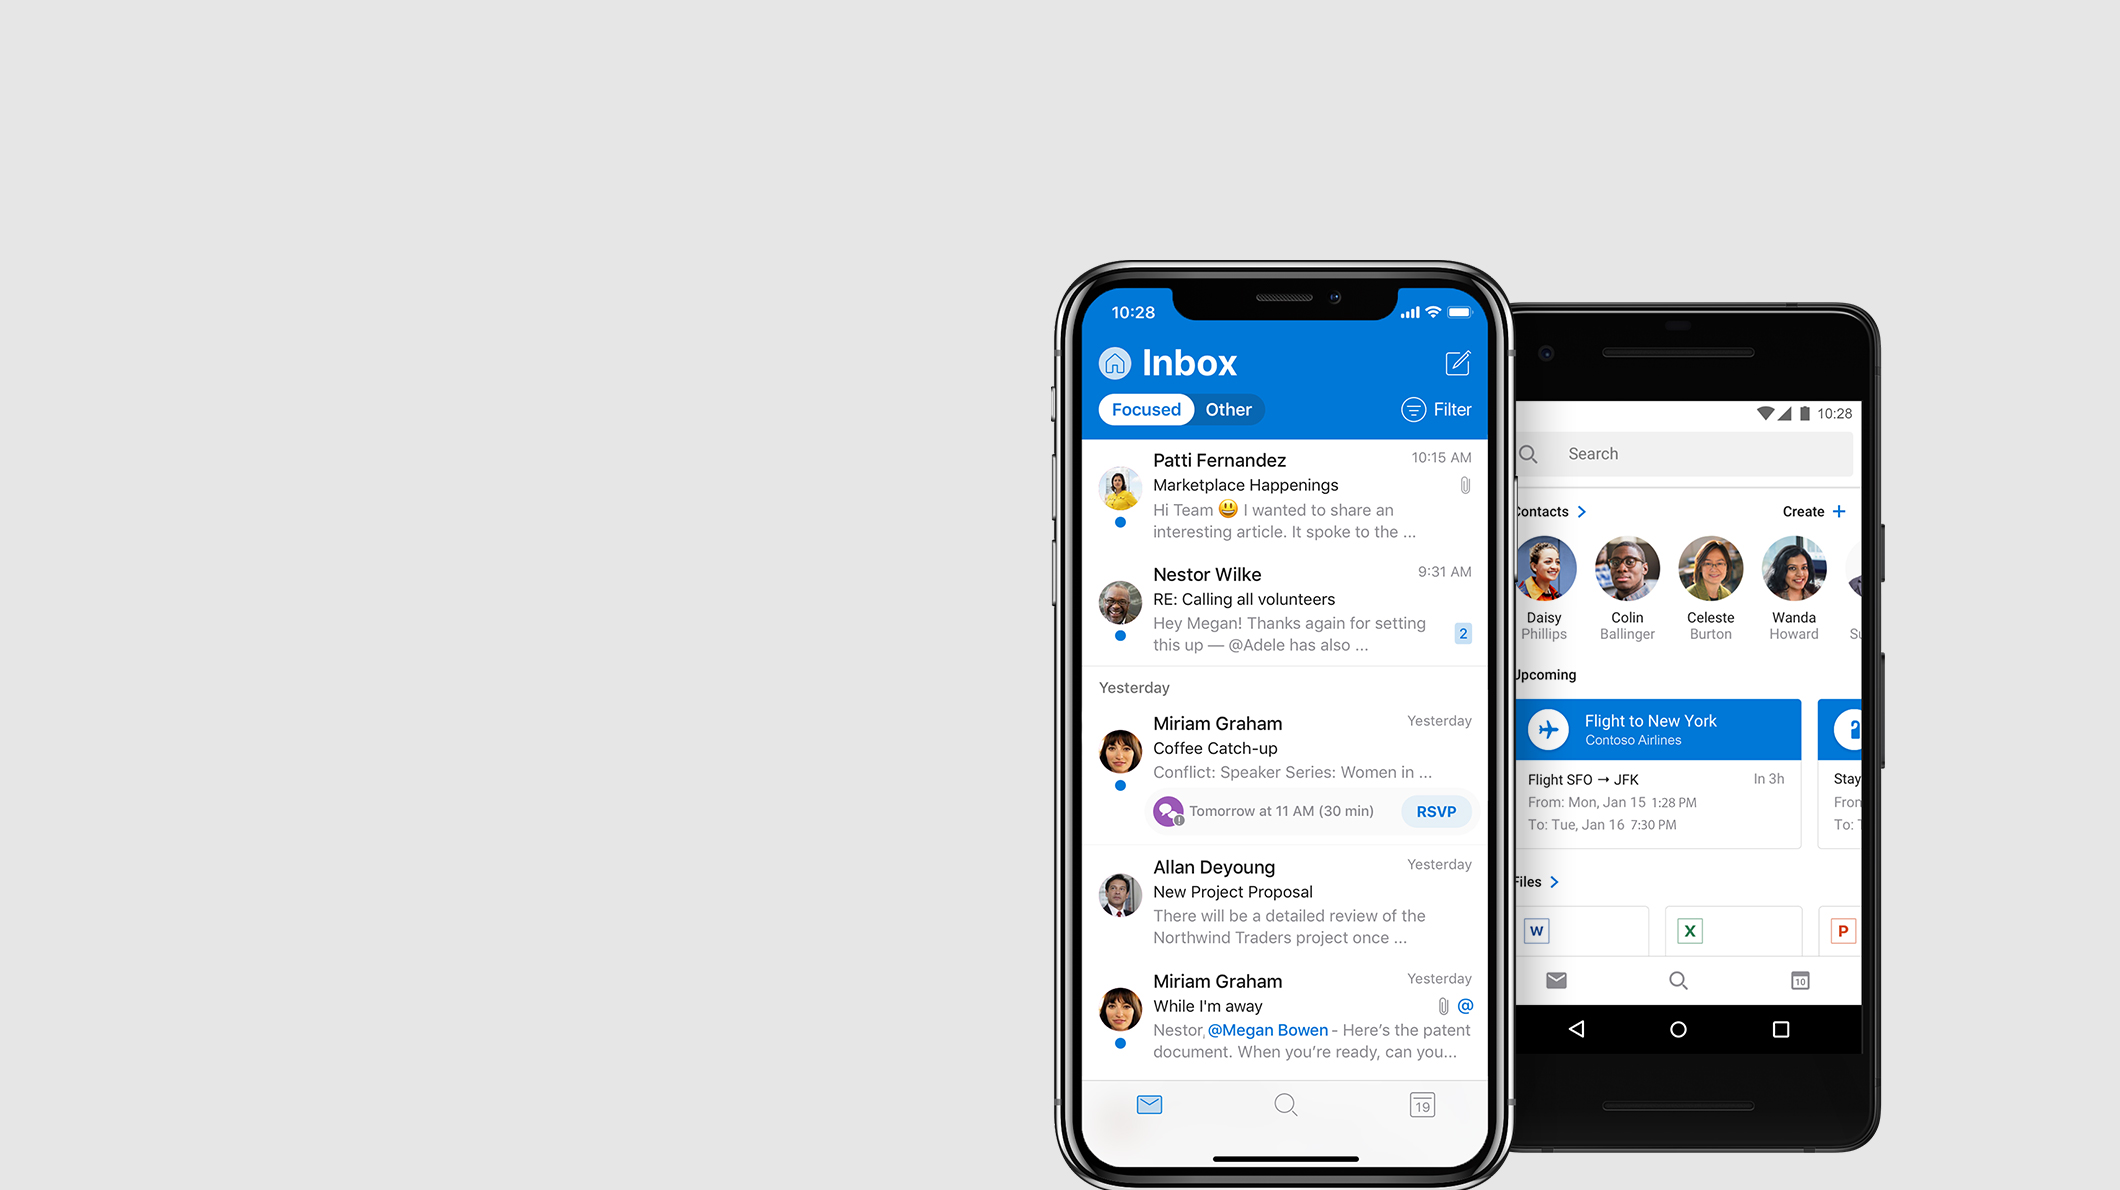 מסכים של טלפון iOS וטלפון Android שבהם מוצגת אפליקציית Outlook